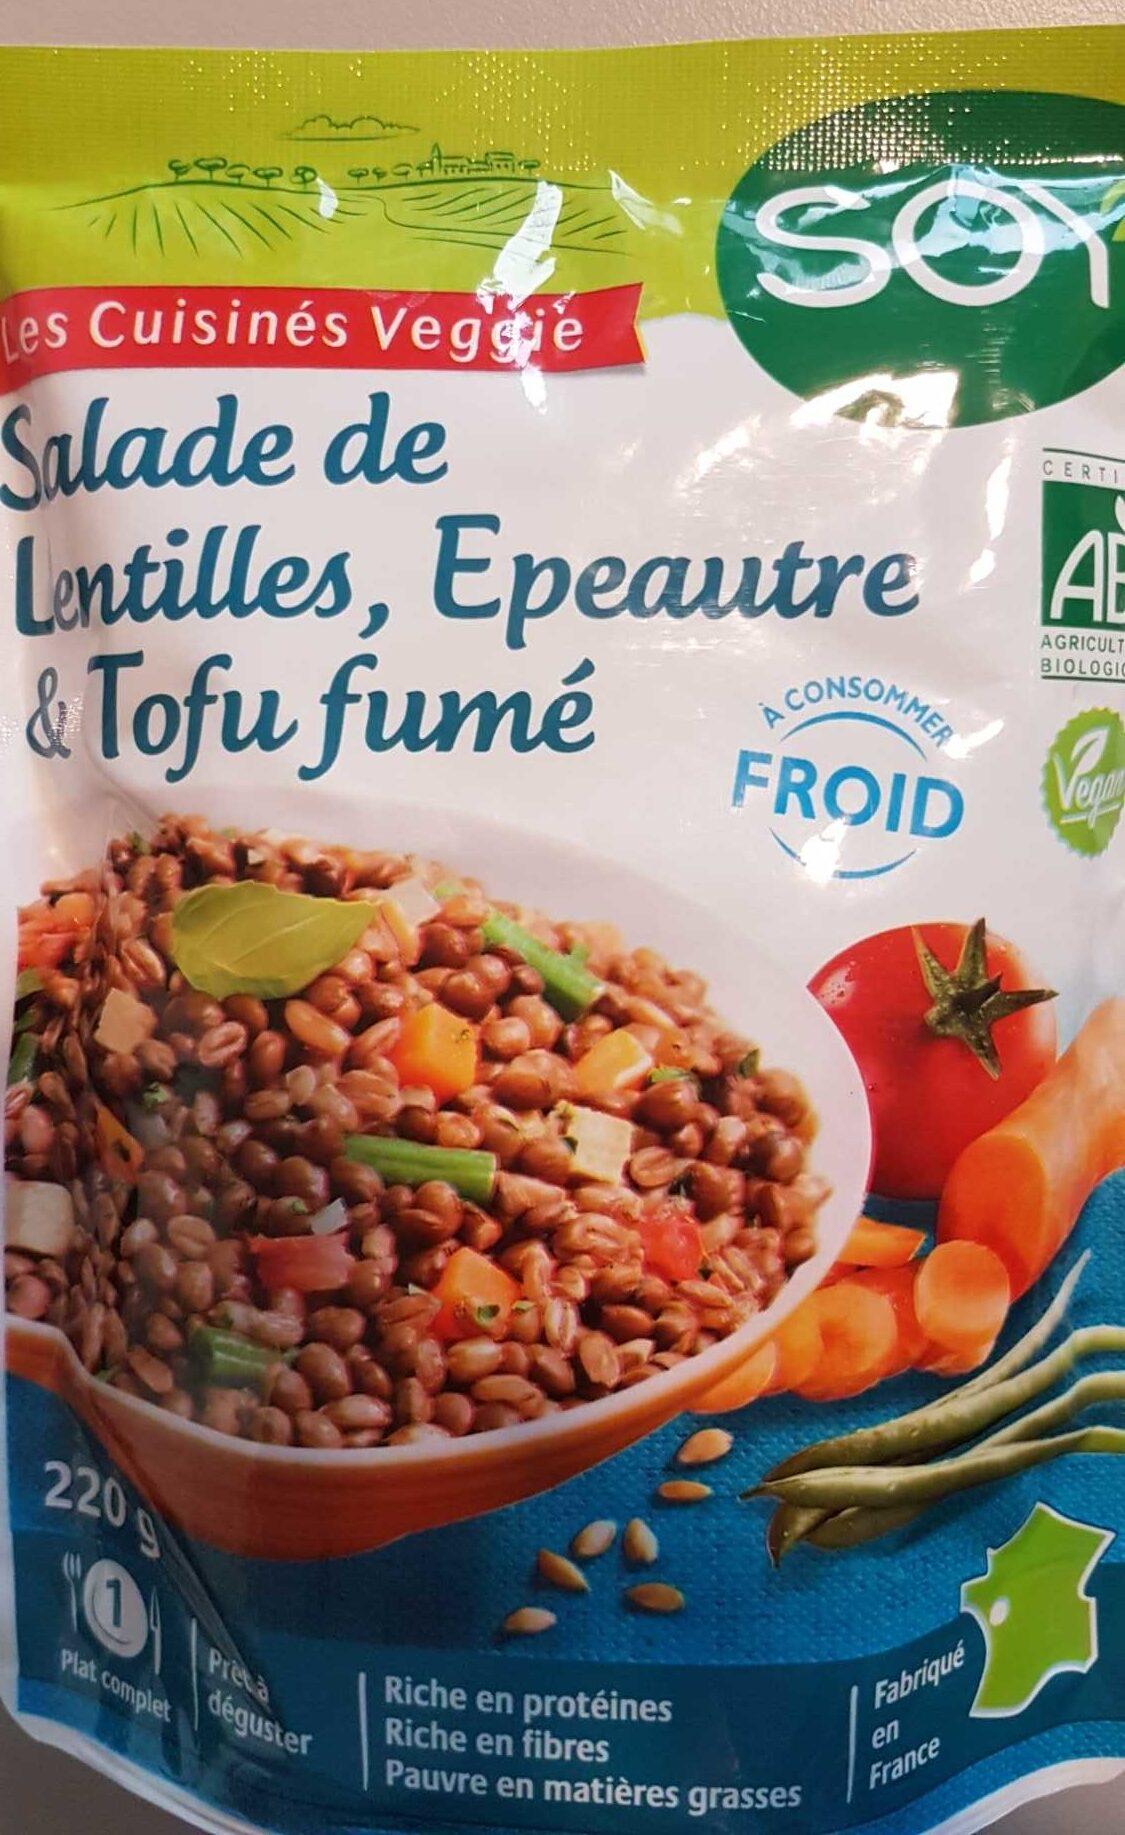 Salade de lentilles, épeautre & tofu fumé - Product